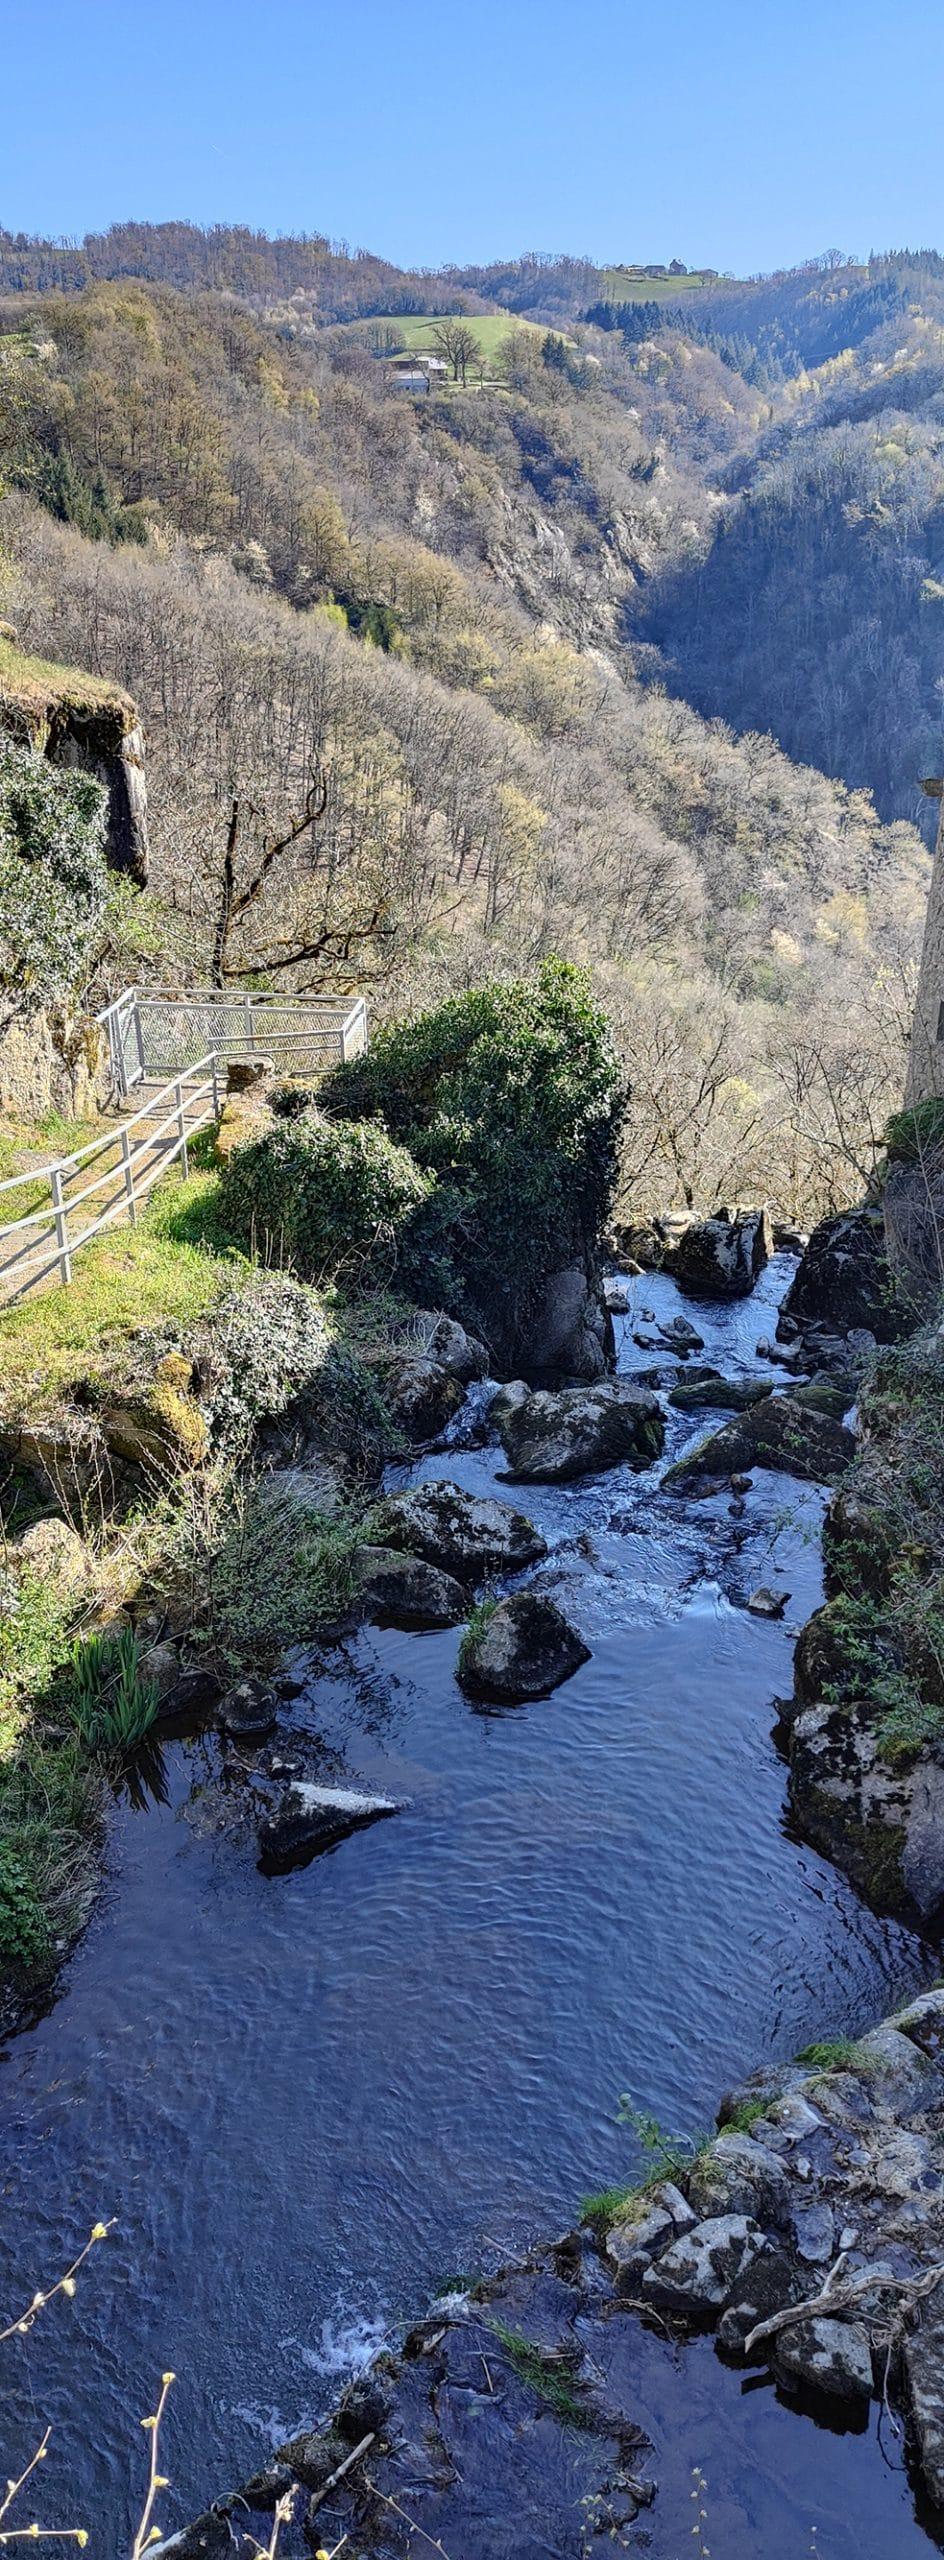 Parcours Villecomtal Trail d'Aqui est l'espace trail de la Communauté de Communes Comtal Lot Truyère. 21 parcours (Bessuéjouls, Bozouls, Campuac, Coubisou, Entraygues, Espalion, Espeyrac, Estaing, Gabriac, Golinhac, La Loubière, Lassouts, Le Cayrol, Le Fel, Le Nayrac, Montrozier, Rodelle, Saint-Côme-d'Olt, Saint-Hippolyte, Sébrazac, Villecomtal) et 2 parcours demi-kilomètre vertical permettent de découvrir plus de 500 kilomètres de chemins et monotraces.